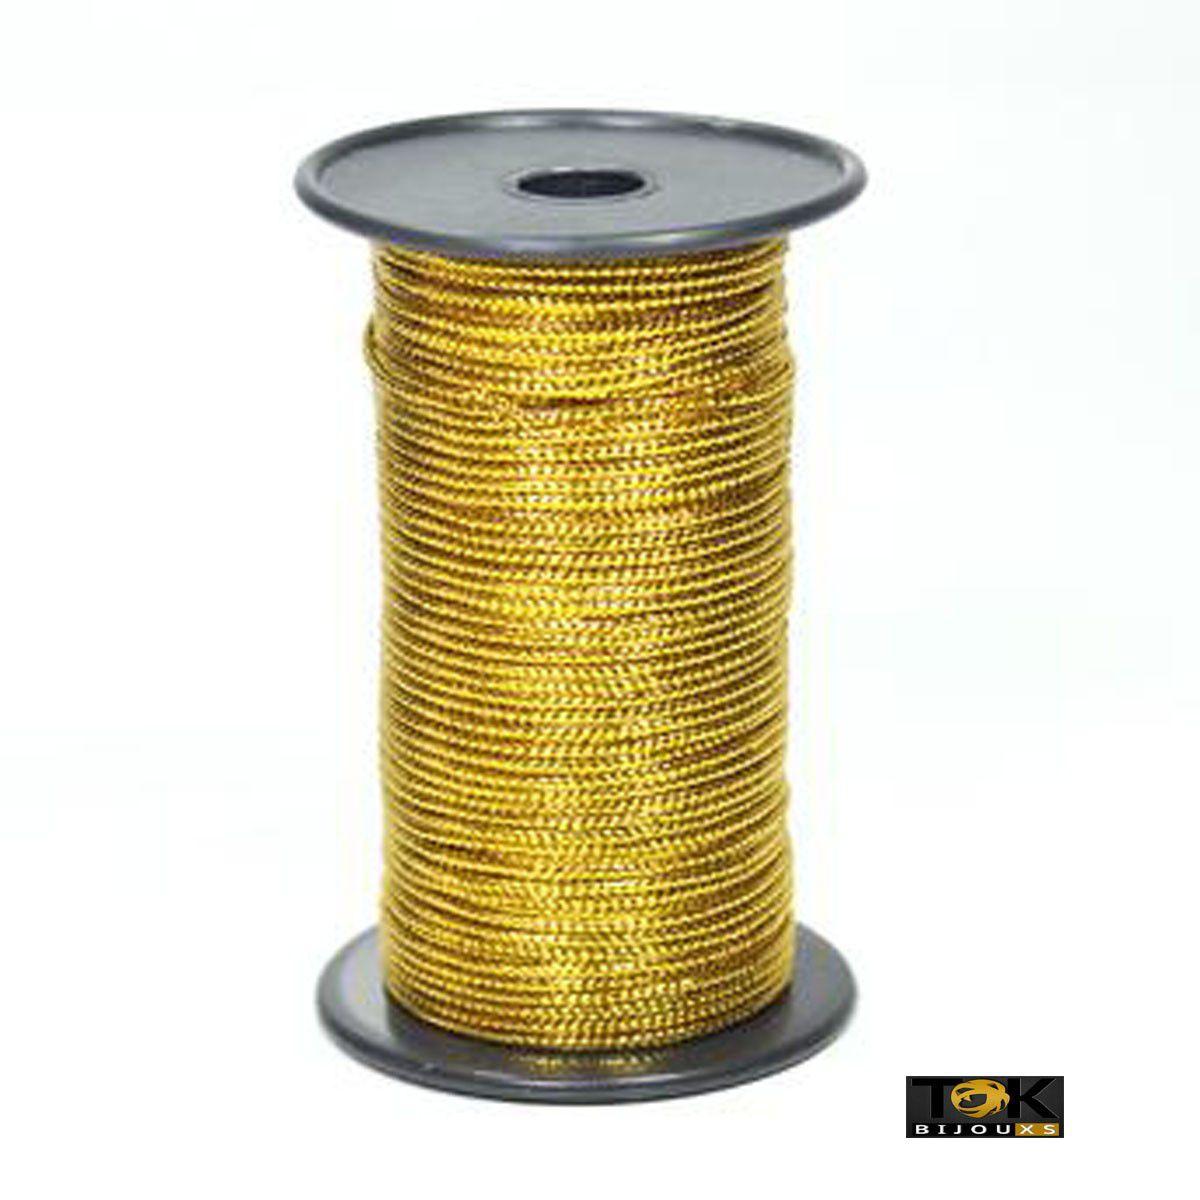 Cordão Metalizado São José 9005 R - 1mm - Dourado - 50 m